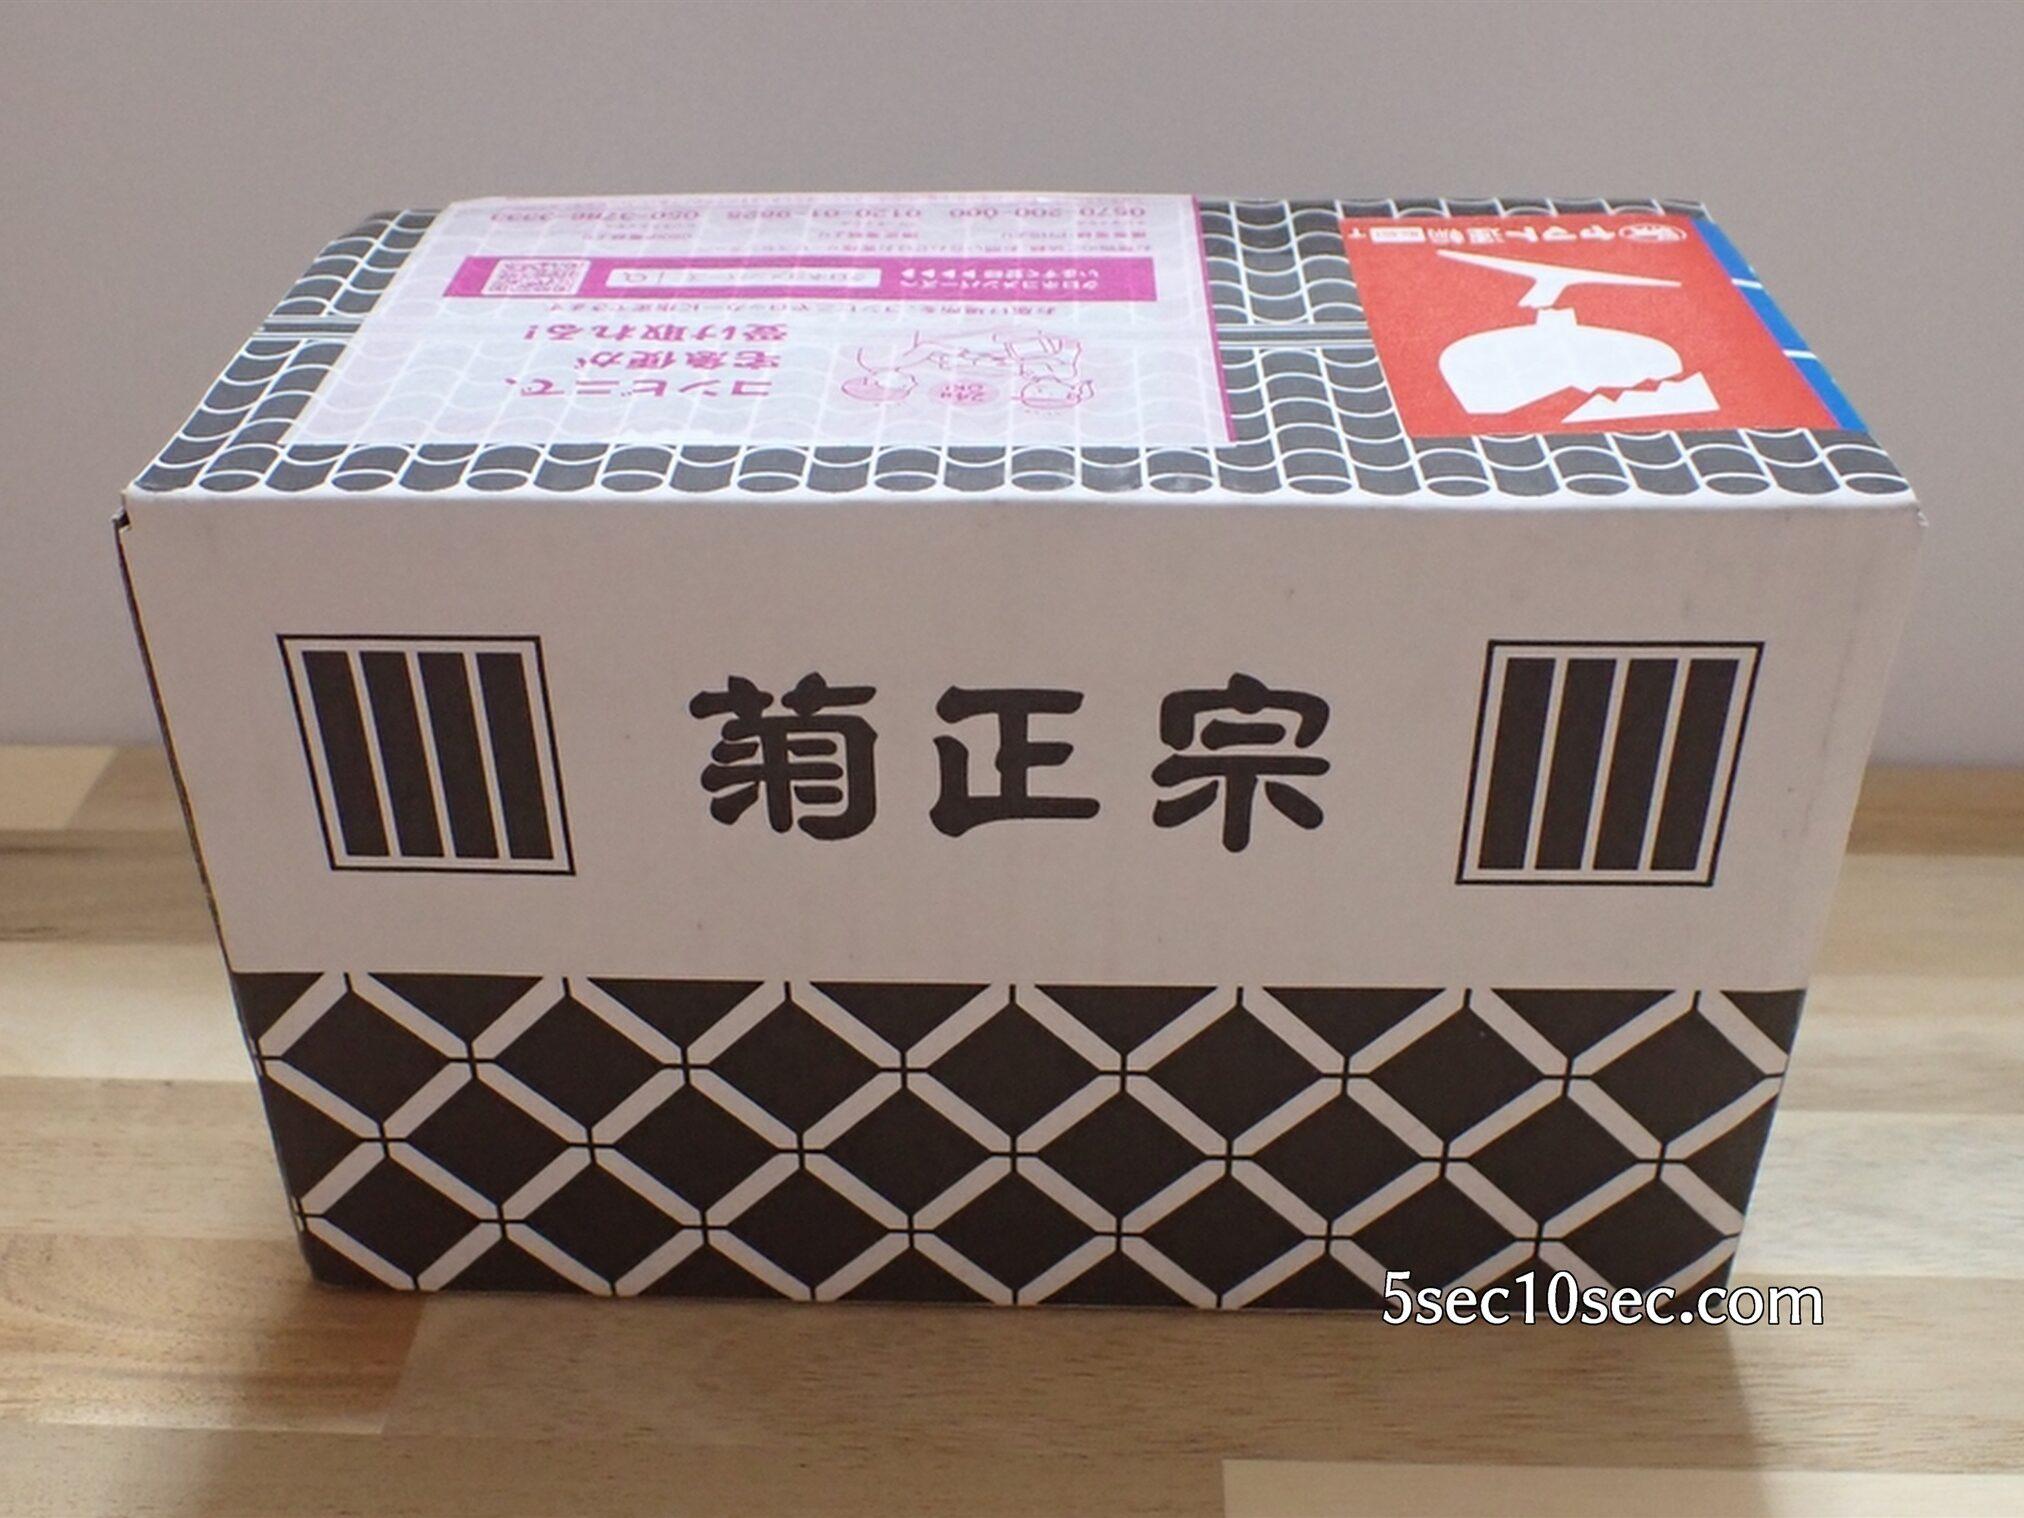 菊正宗酒造株式会社 乳酸菌「LK-117」配合 酒蔵の乳酸菌 米のしずく ドリンクタイプ10日間お試しセット このような梱包で届きます